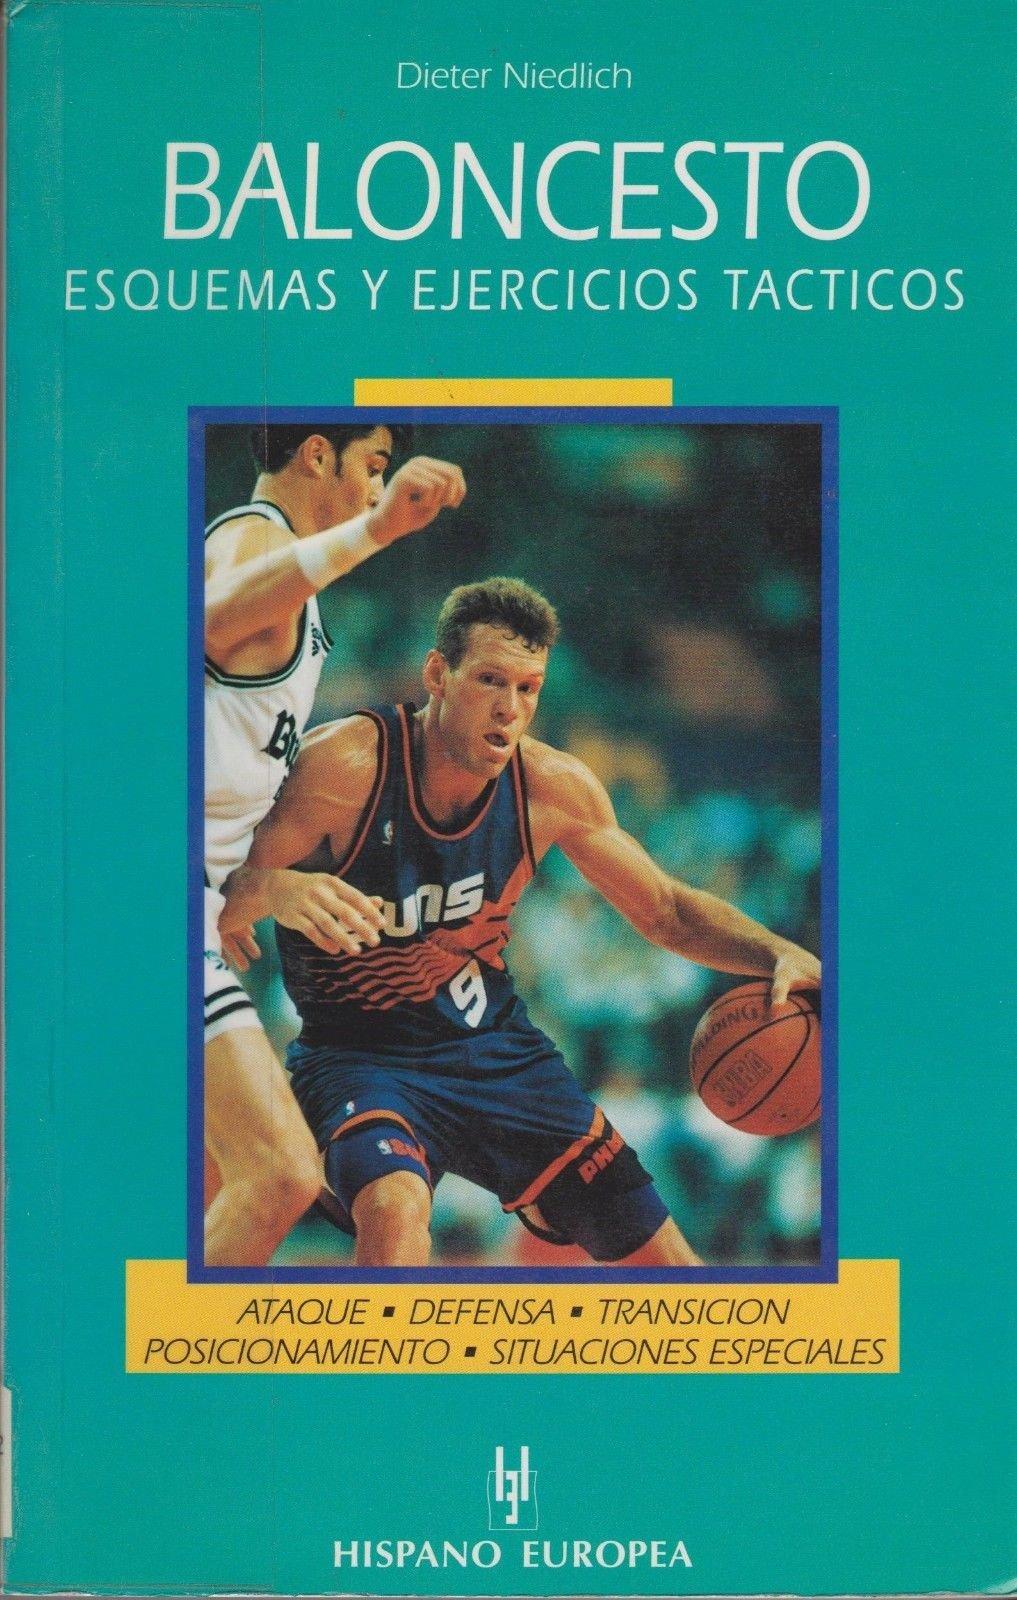 Baloncesto - esquemas y ejercicios tacticos: Amazon.es ...